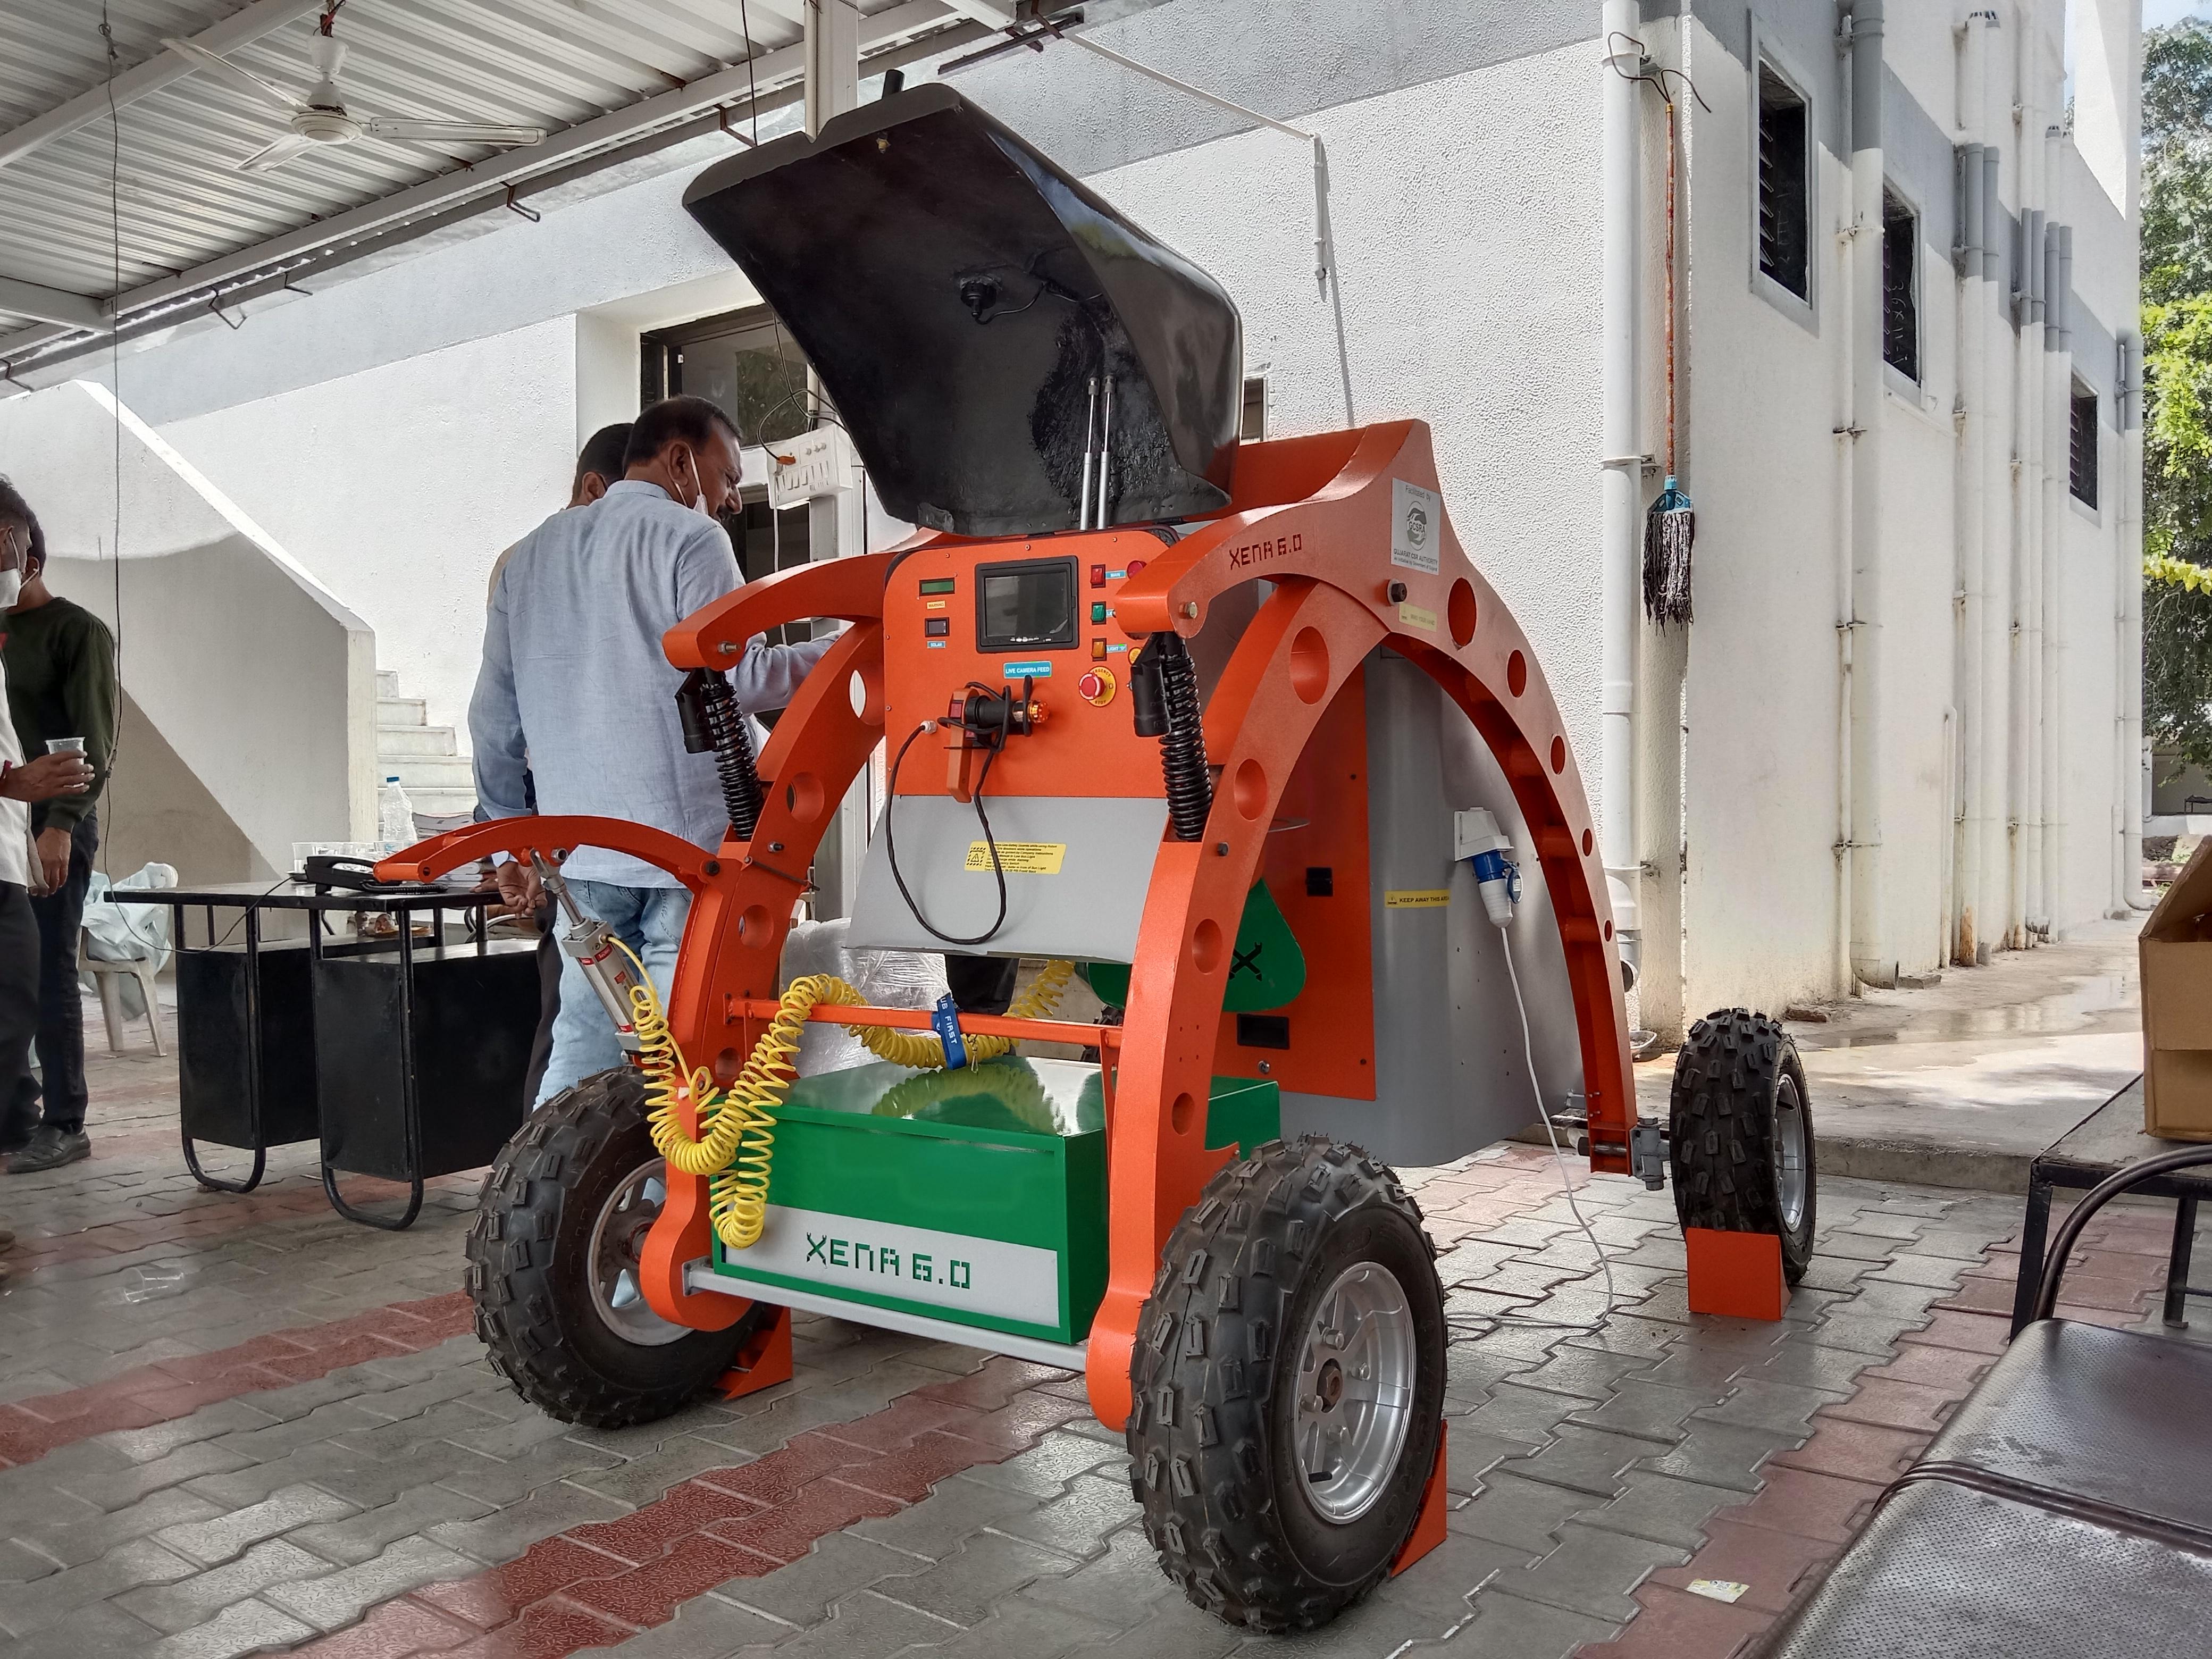 મહેસાણા પાલિકા ને પહેલું રોબોટિક મશીન મળ્યું - Divya Bhaskar